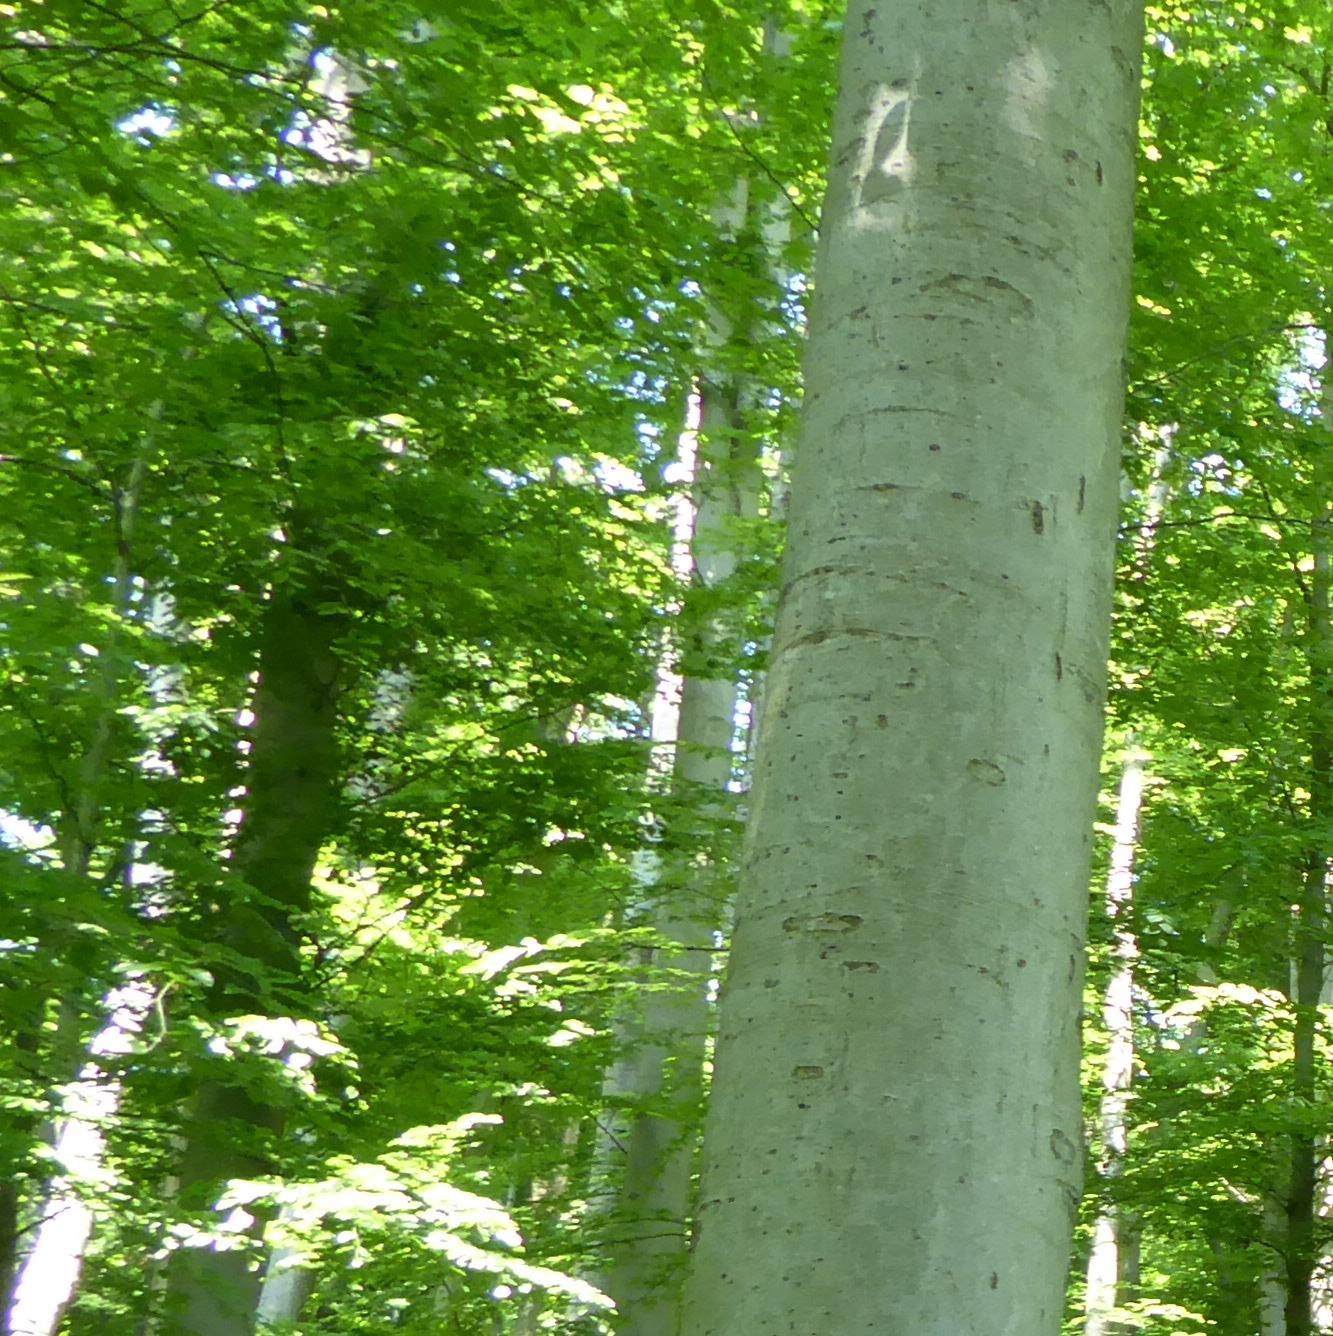 - Kein normaler Waldspaziergang oder Sport im Wald